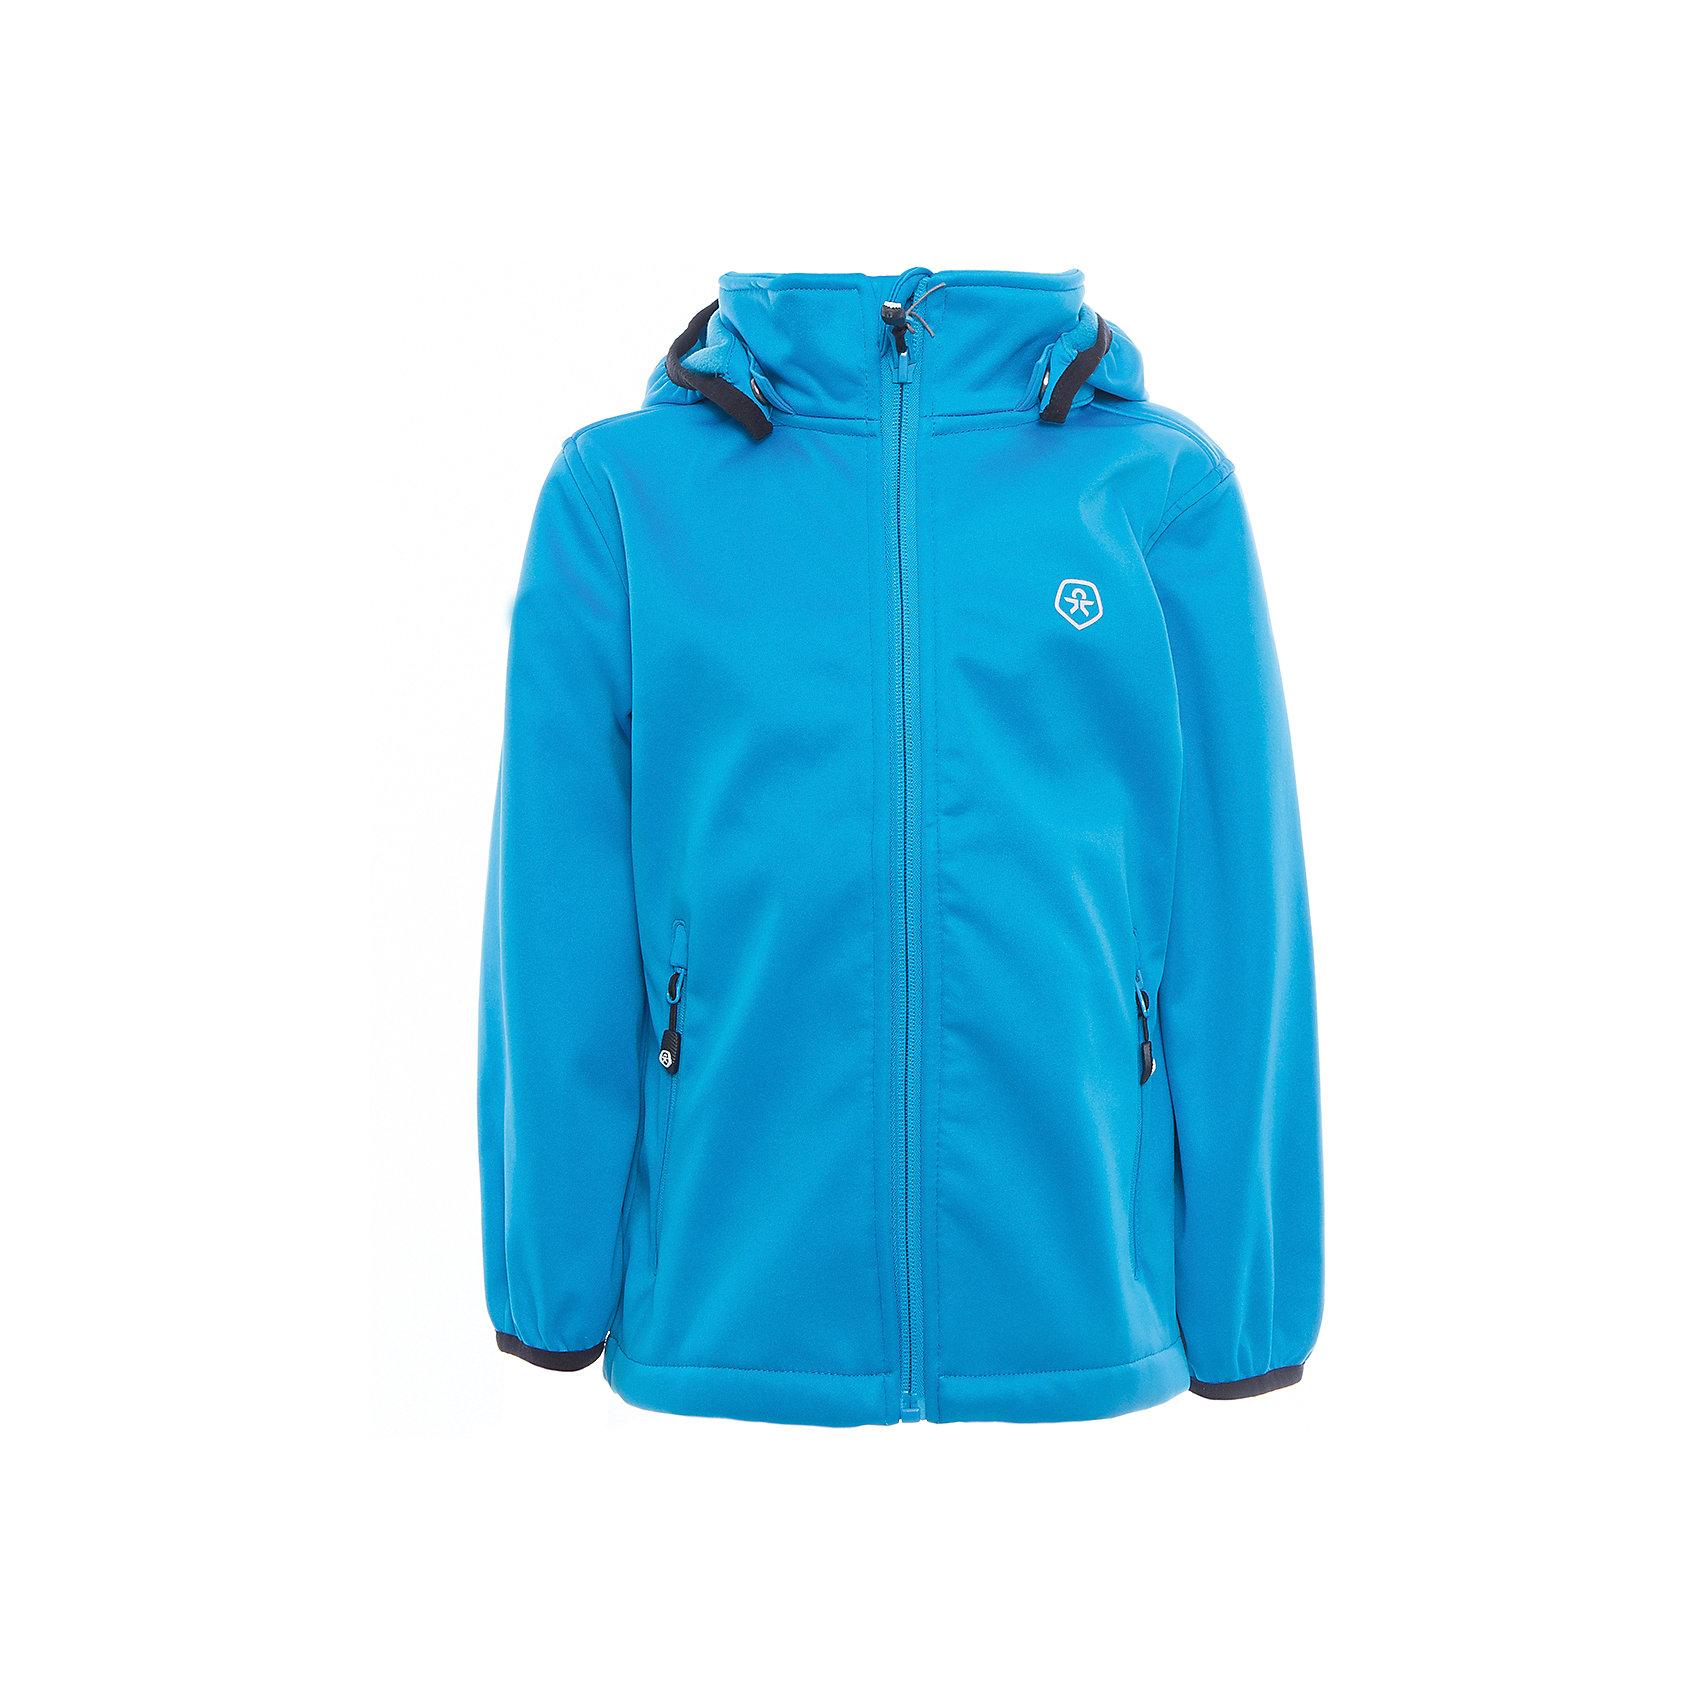 Куртка для мальчика Color KidsВерхняя одежда<br>Характеристики товара:<br><br>• цвет: голубой<br>• состав: 100 % полиэстер, softshell клееный с флисом<br>• без утеплителя<br>• температурный режим: от +5°до +15°С<br>• мембранная технология<br>• водонепроницаемость: 5000 мм<br>• воздухопроницаемость: 1000 г/м2/24ч<br>• ветрозащитный<br>• регулируемый низ куртки<br>• светоотражающие детали<br>• застежка: молния<br>• съёмный капюшон на кнопках<br>• защита подбородка<br>• два кармана на молнии<br>• логотип<br>• страна бренда: Дания<br><br>Эта симпатичная и удобная куртка сделана из непромокаемого легкого материала, поэтому отлично подойдет для дождливой погоды в весенне-летний сезон. Она комфортно сидит и обеспечивает ребенку необходимое удобство. Очень стильно смотрится. <br><br>Куртку для мальчика от датского бренда Color Kids (Колор кидз) можно купить в нашем интернет-магазине.<br><br>Ширина мм: 356<br>Глубина мм: 10<br>Высота мм: 245<br>Вес г: 519<br>Цвет: голубой<br>Возраст от месяцев: 24<br>Возраст до месяцев: 36<br>Пол: Мужской<br>Возраст: Детский<br>Размер: 98,104,110,116,122,128,140,152,92<br>SKU: 5443230